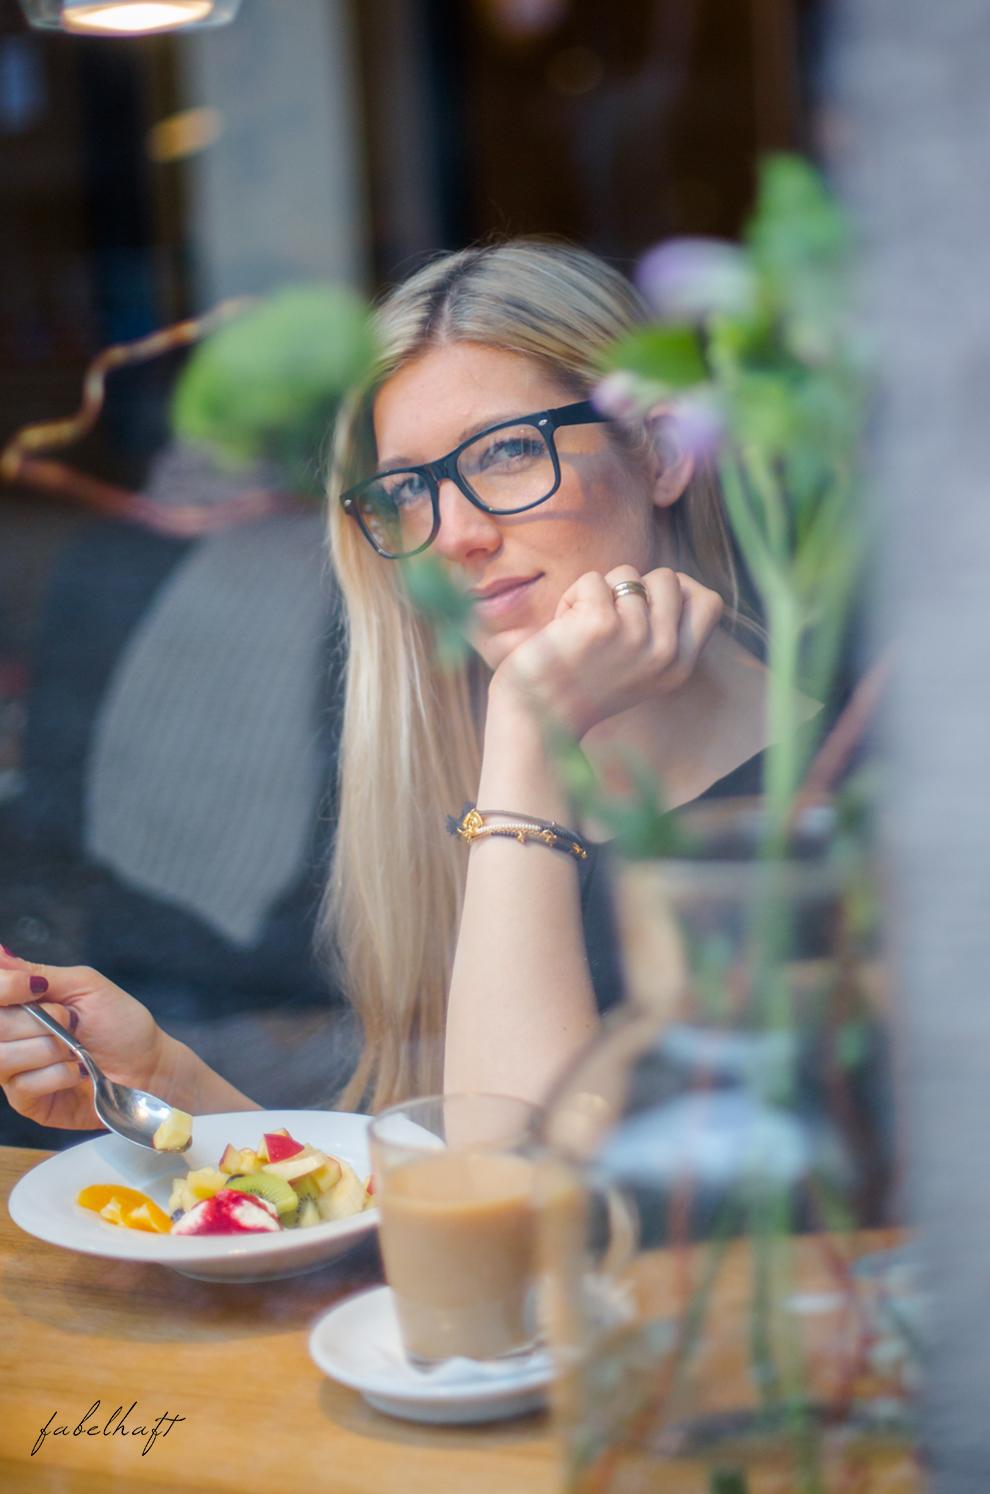 MotMot Jewellery fein und fabelhaft blog blogger café blond shooting brunch frühstück lifestyle outfit fashion 8